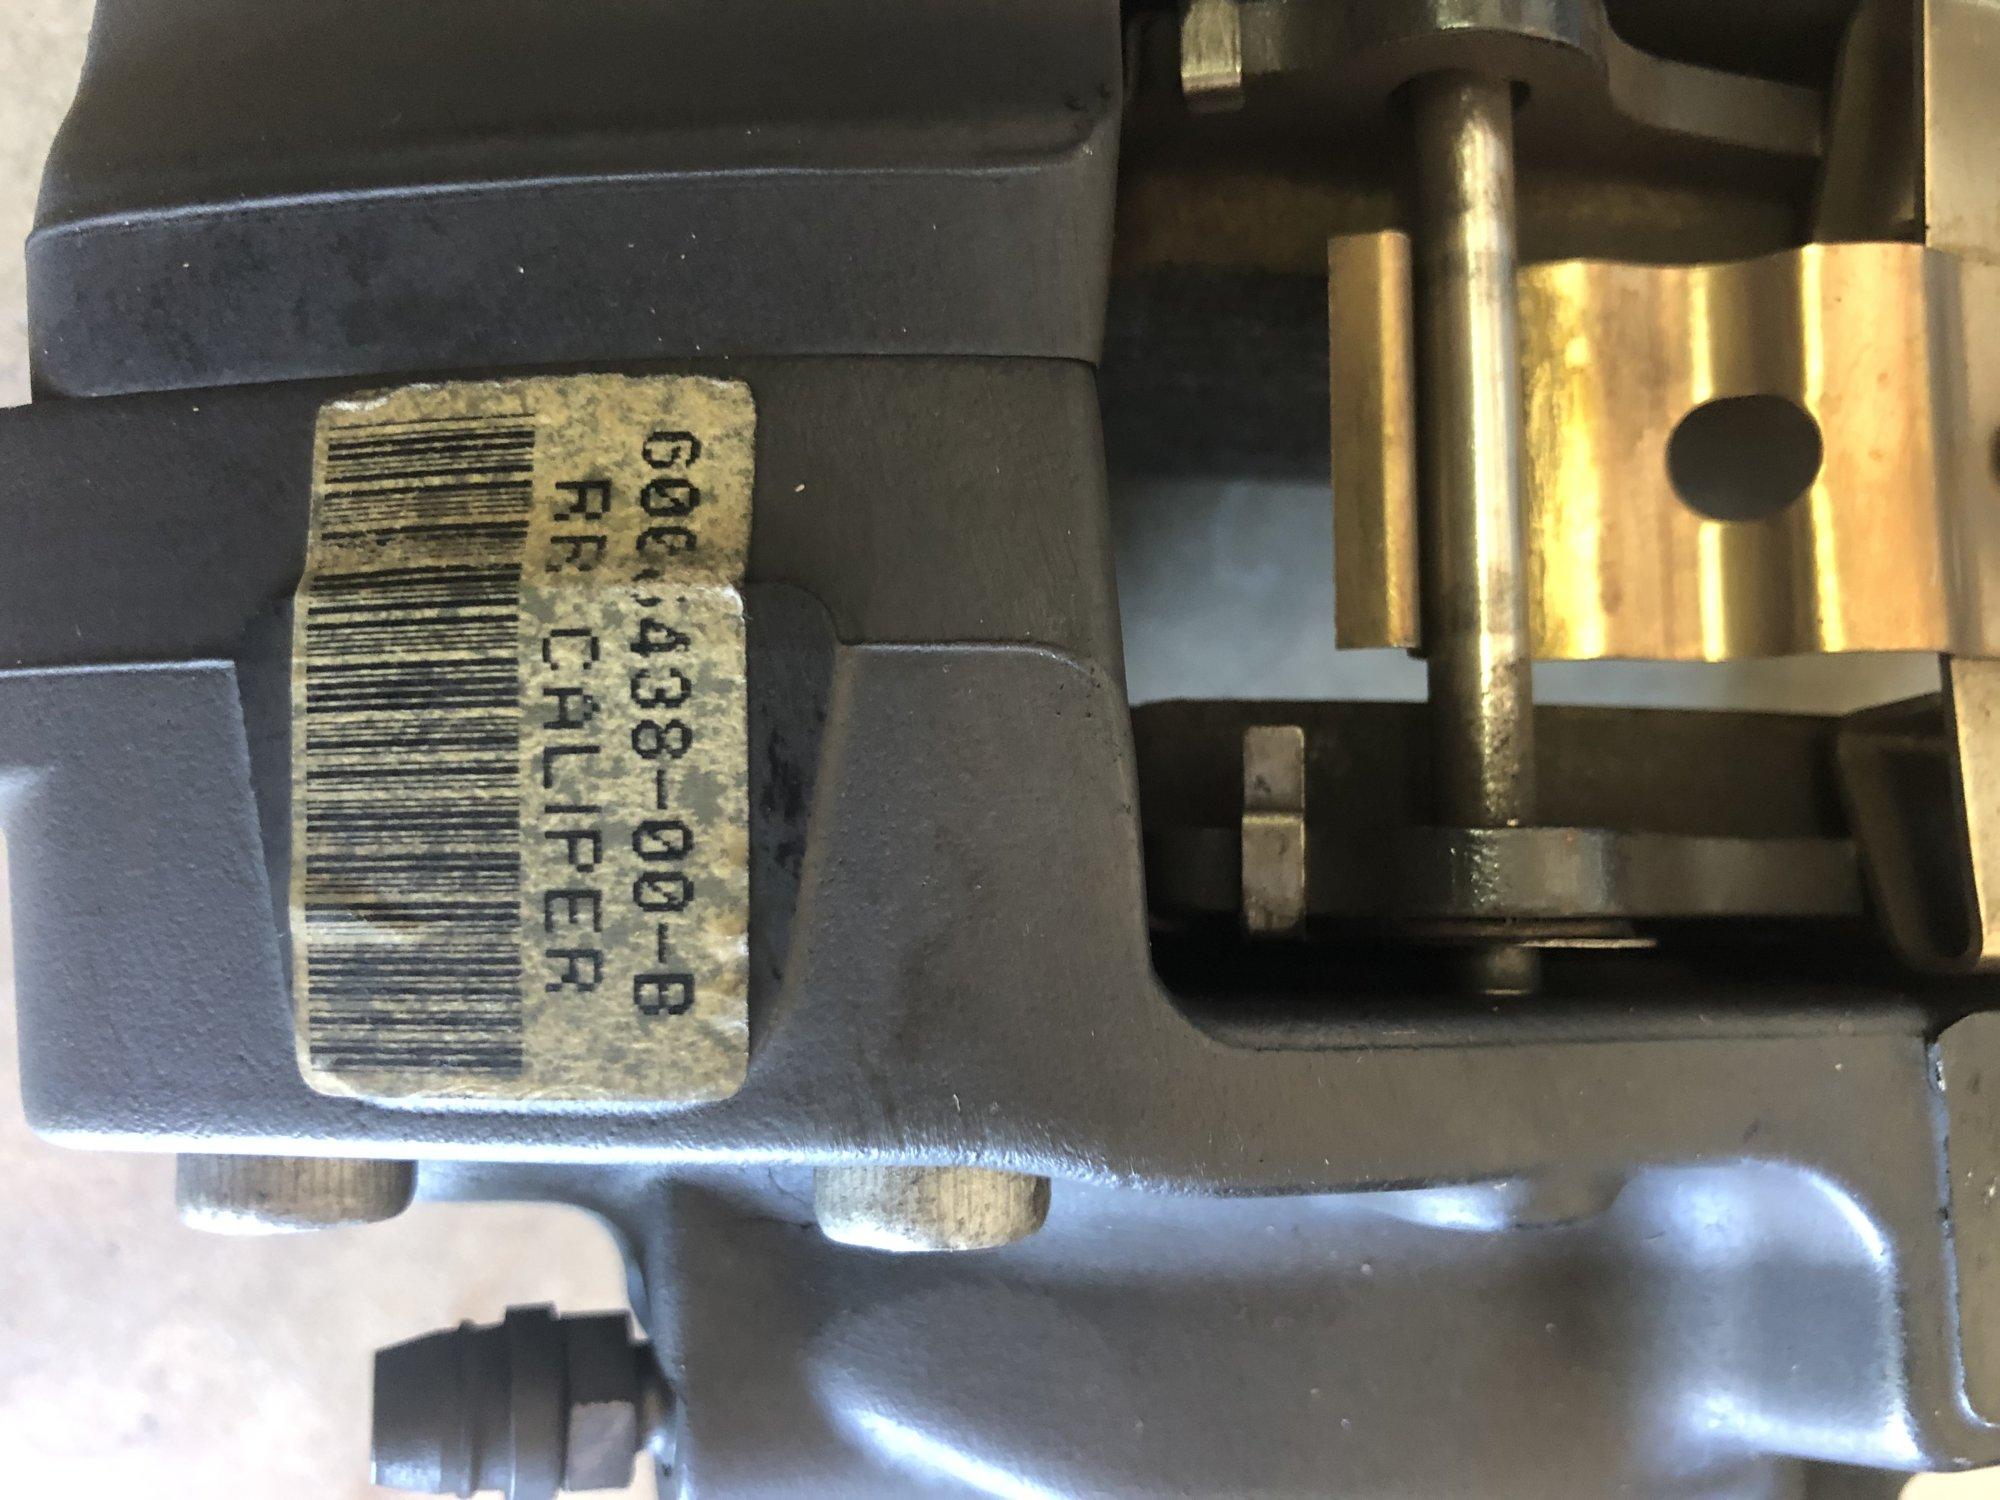 0A47CEFF-C913-4A76-A09A-53360199D618.jpeg